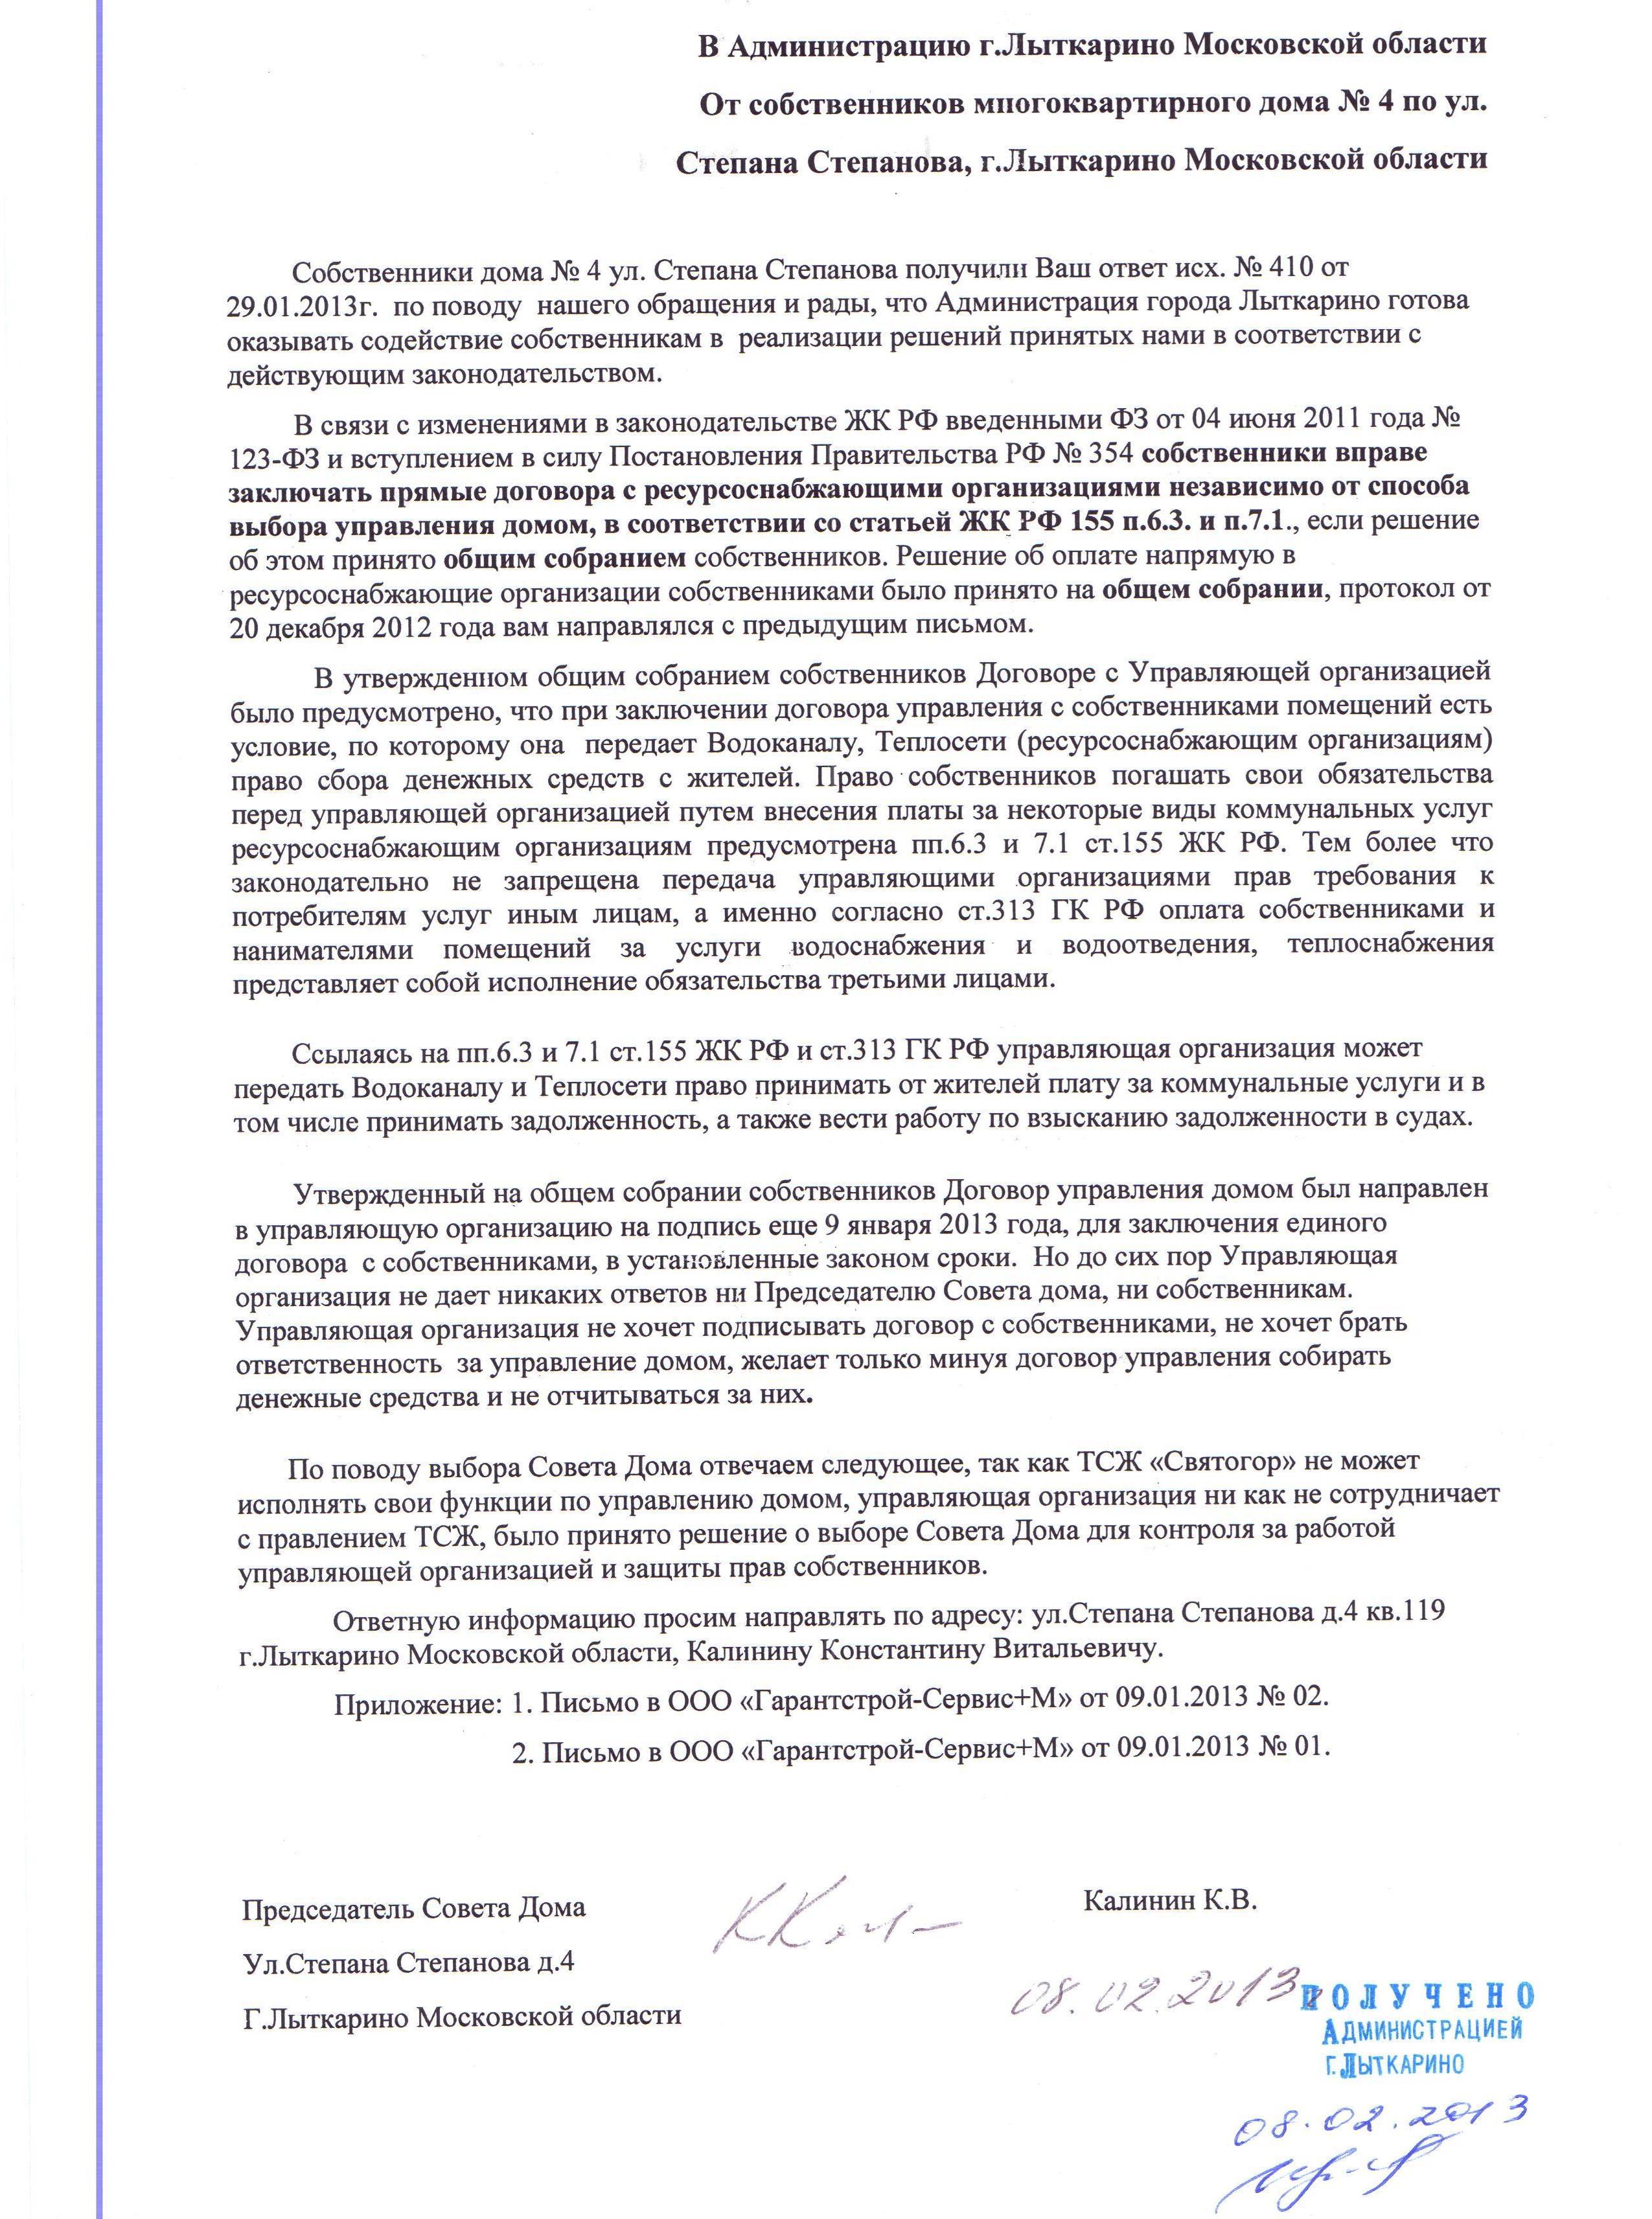 Заявление в налоговую форма 14001 новая образец заполнения - 62c0